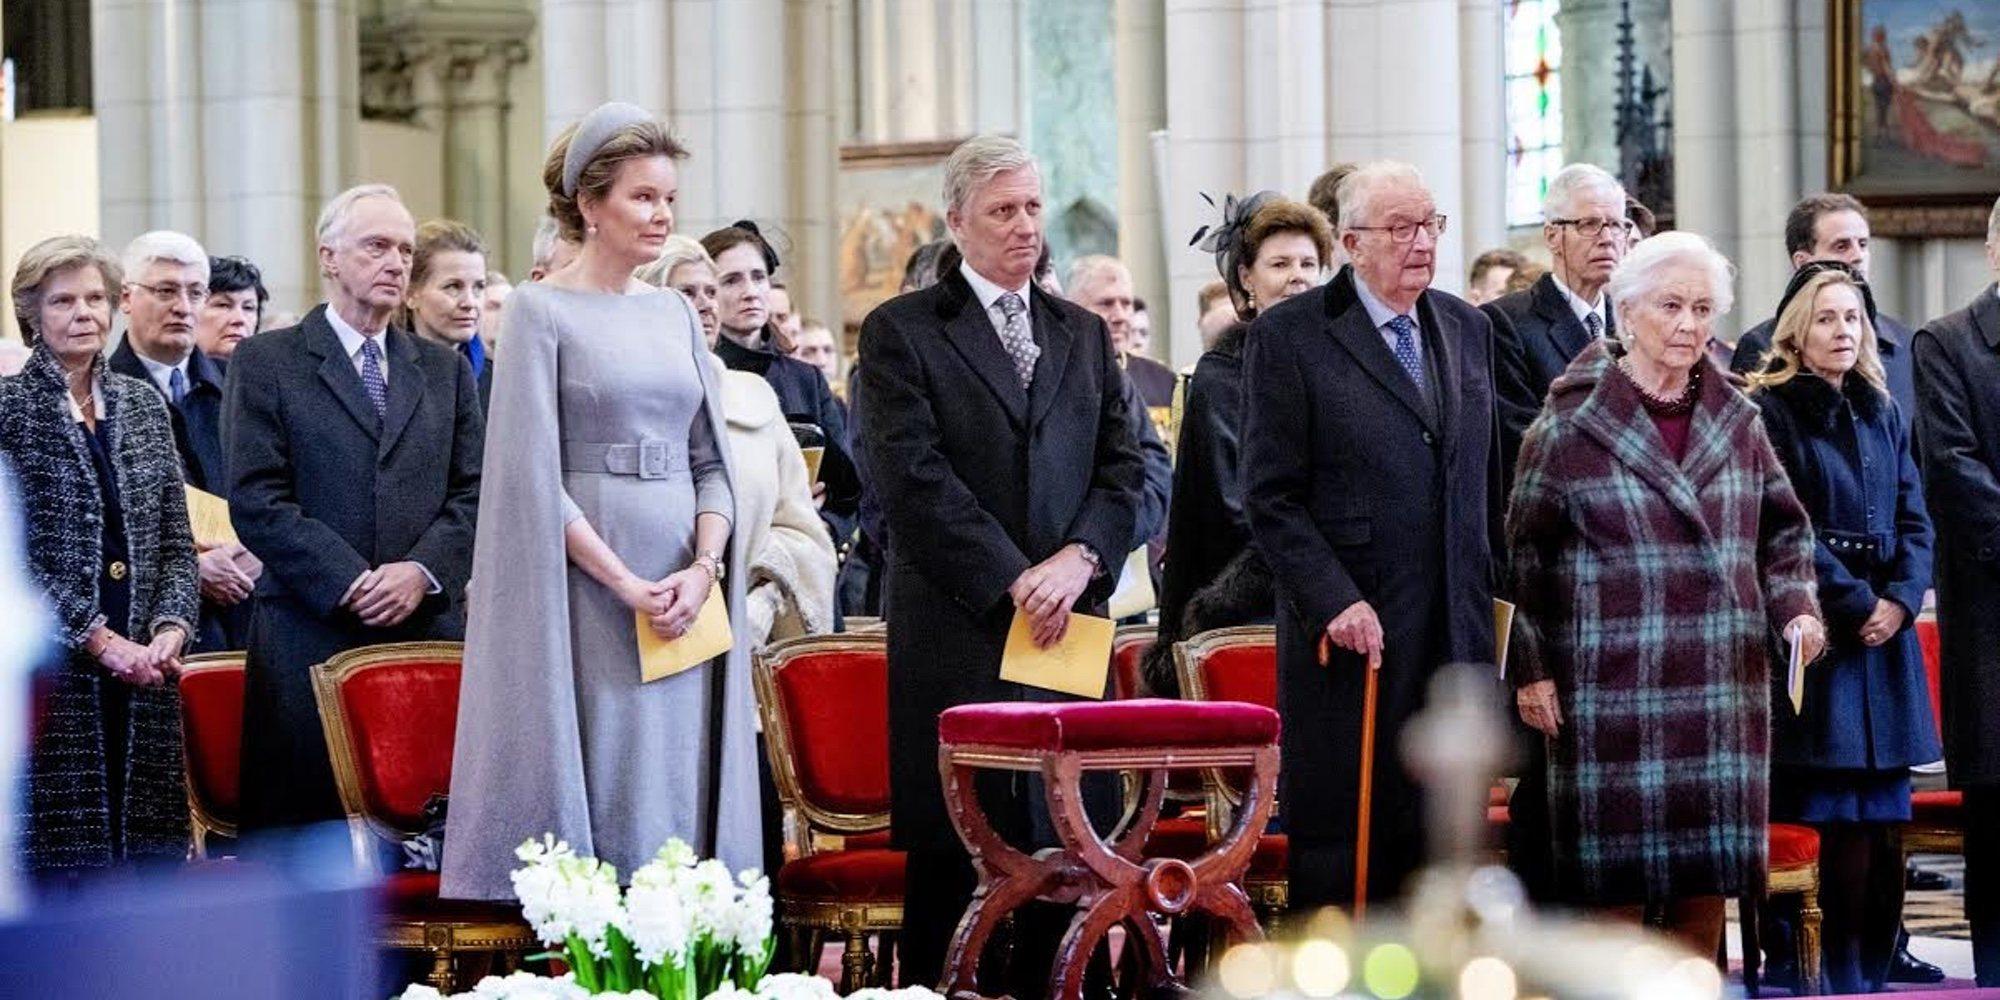 Alberto de Bélgica reaparece con los Reyes Felipe y Matilde y la Reina Paola tras confirmarse que Delphine Boël es su hija